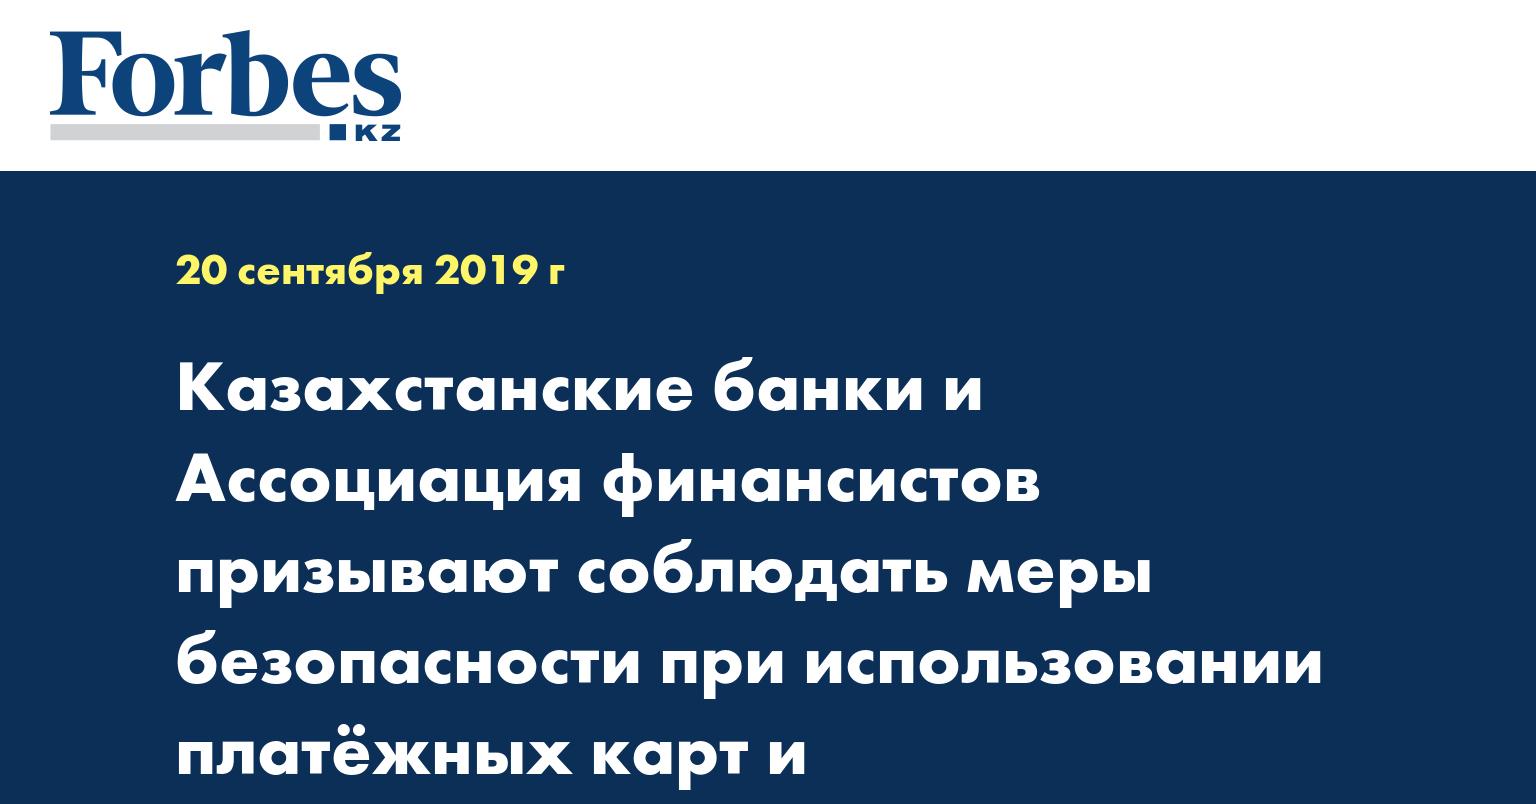 Казахстанские банки и Ассоциация финансистов призывают соблюдать меры безопасности при использовании платёжных карт и онлайн-сервисов